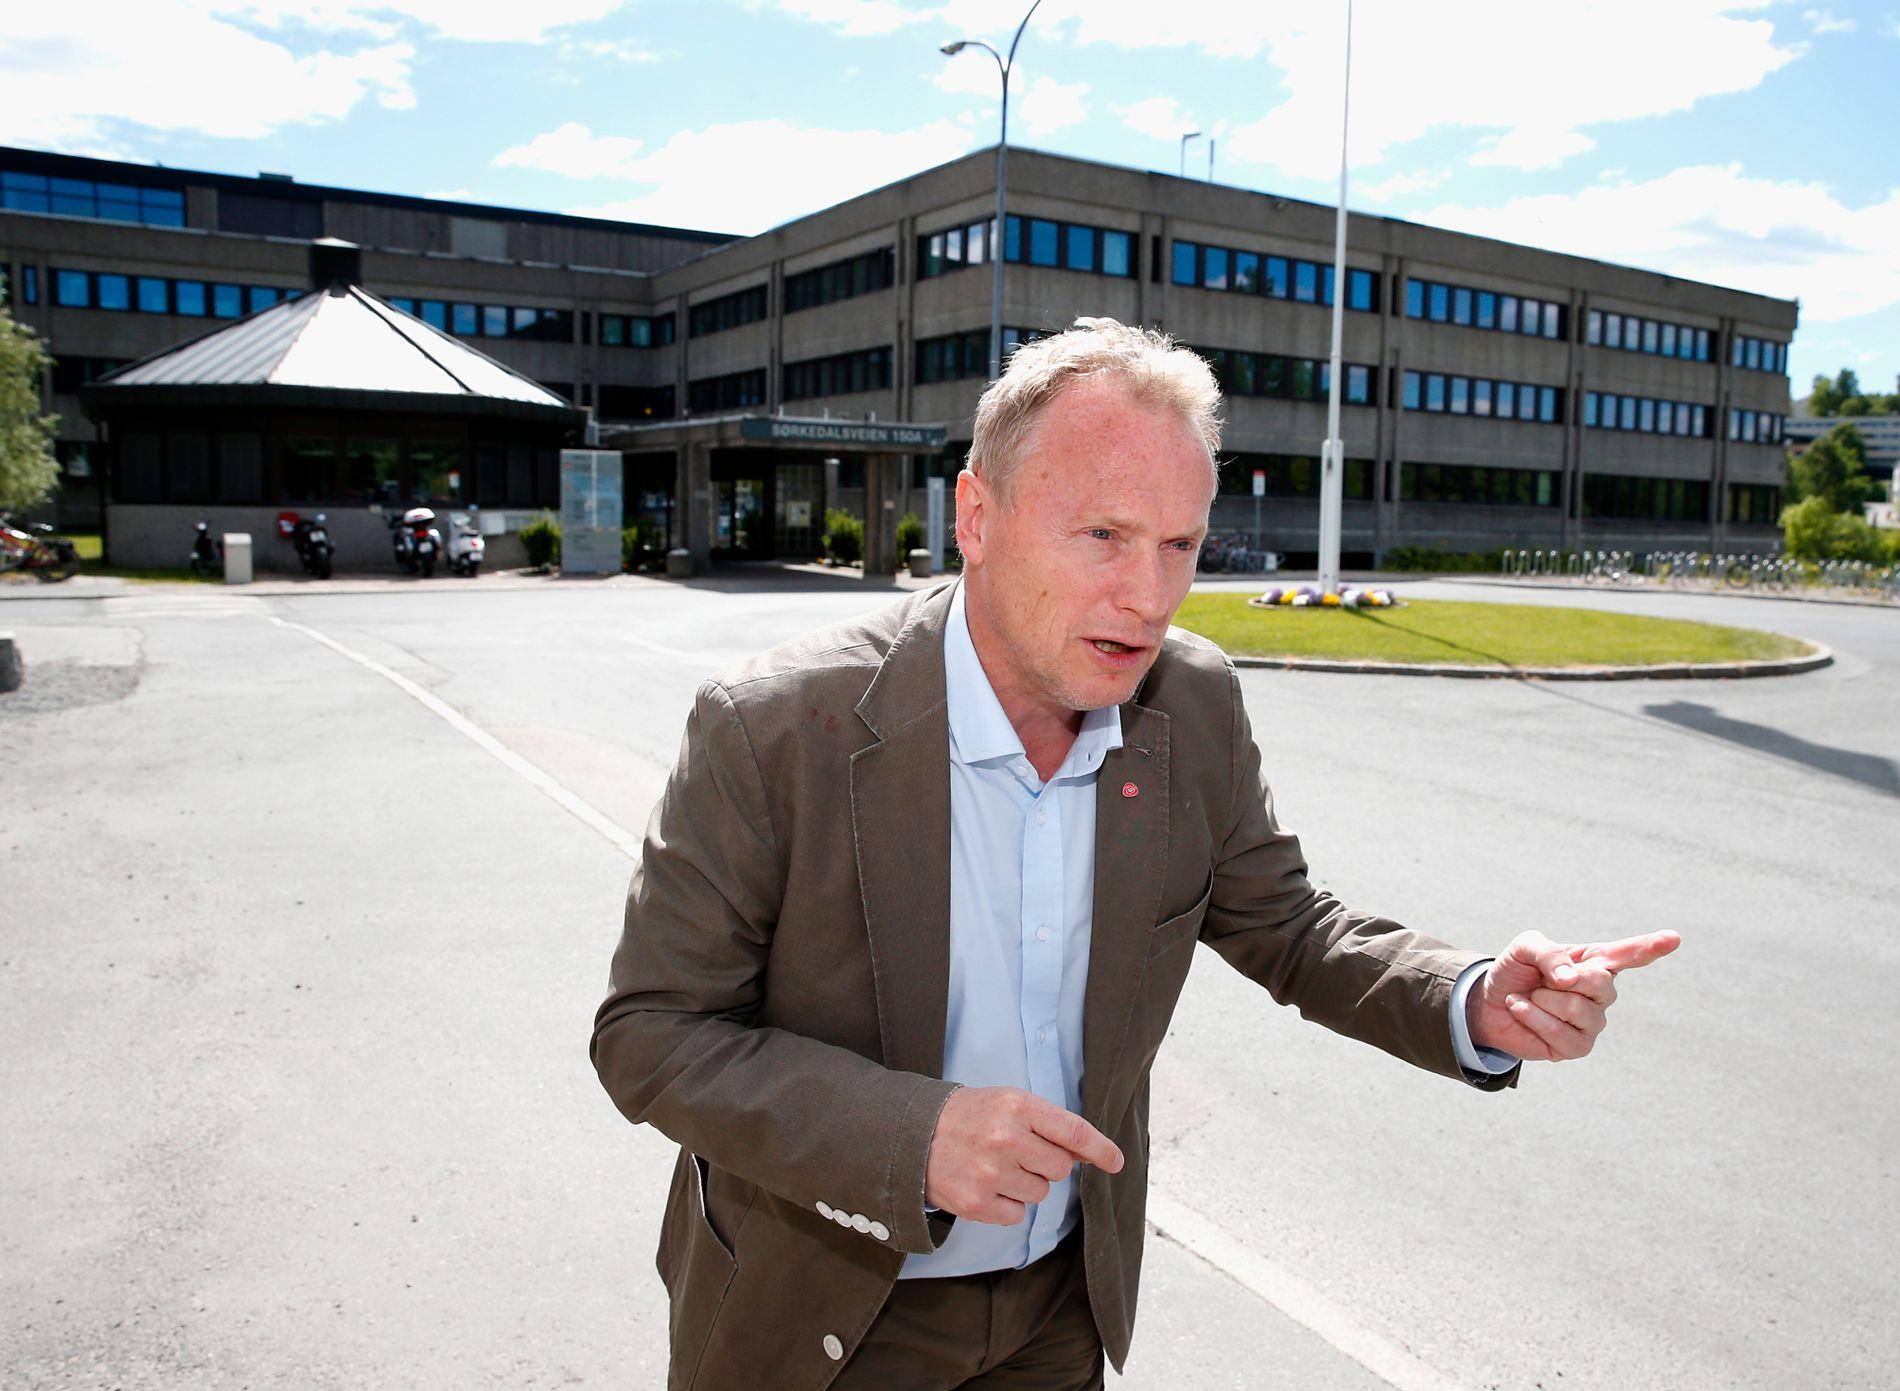 VIL BYGGE MER: Byrådsleder Raymond Johansen (Ap) gikk til valg på å doble boligbyggingen.